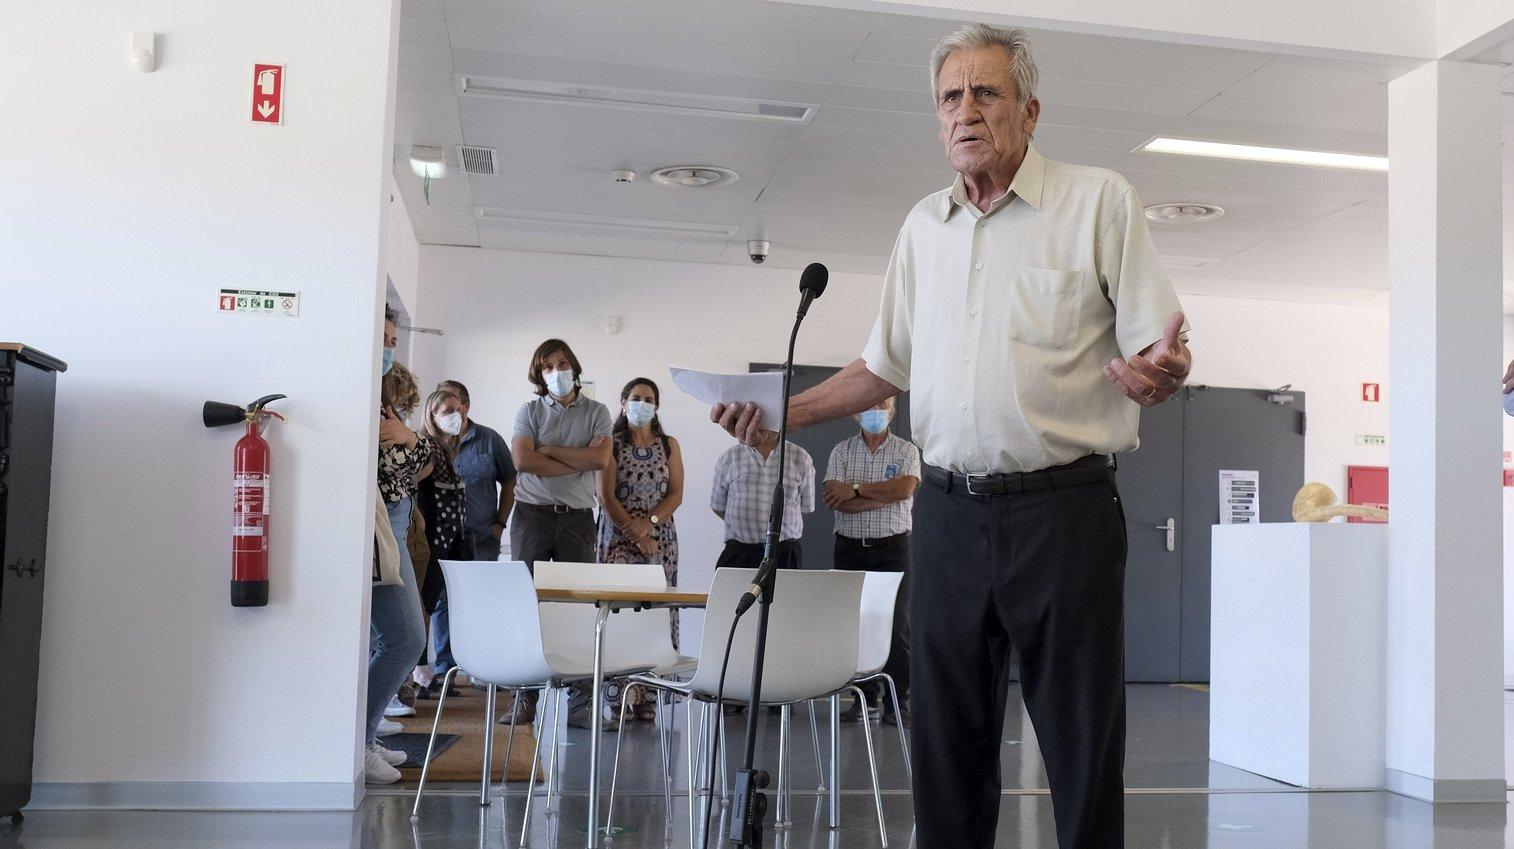 O secretário-geral do Partido Comunista Português (PCP), Jerónimo de Sousa, durante uma visita ao Centro de Experimentação Artística do Vale da Amoreira. Moita, 18 de Setembro de 2021. No próximo dia 26 de setembro mais de 9,3 milhões eleitores podem votar nas eleições Autárquicas, para eleger os seus representantes locais. RUI MINDERICO/LUSA